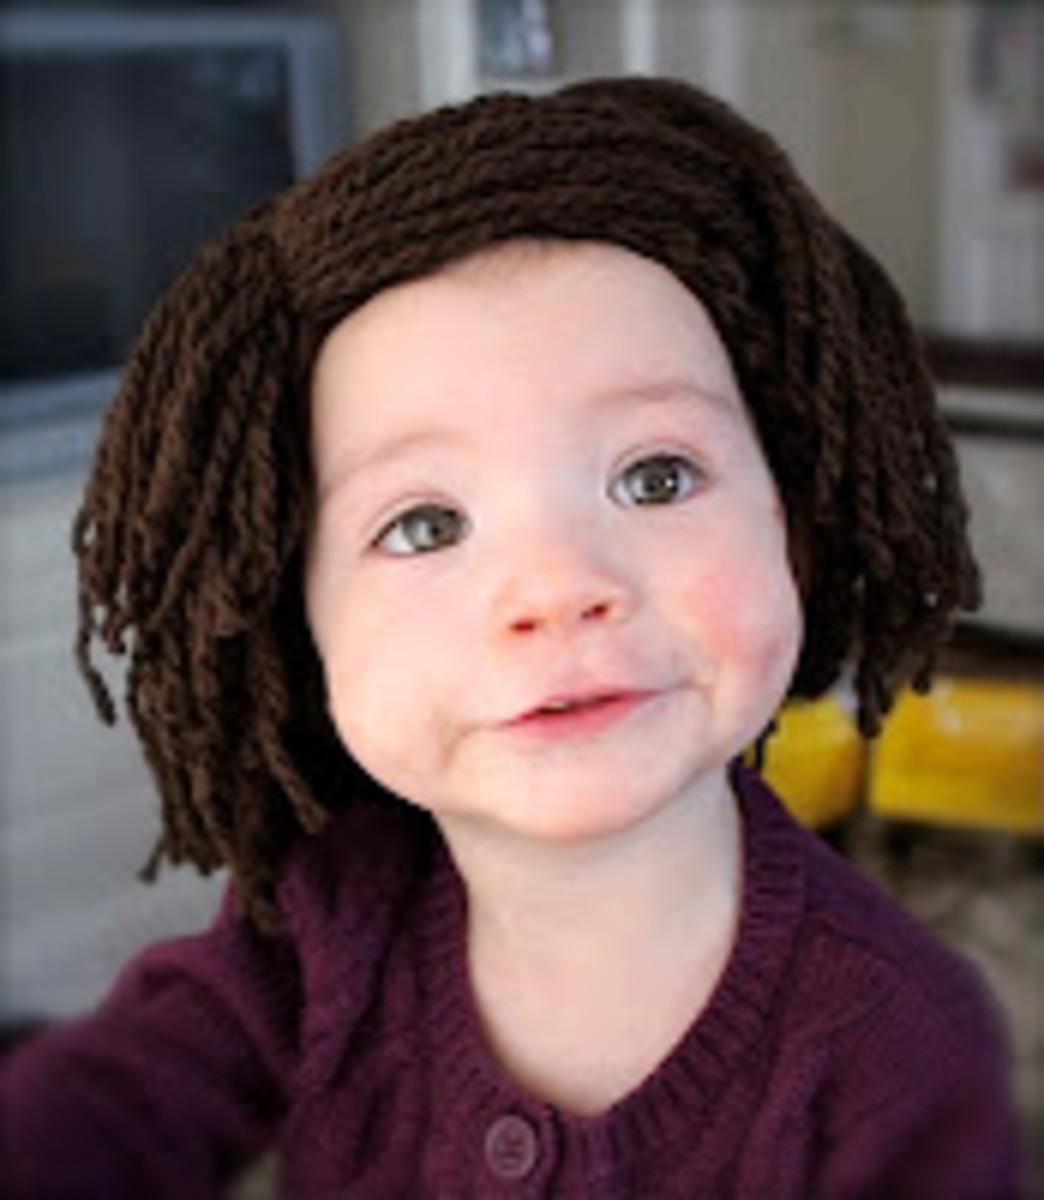 Bald Baby Wig